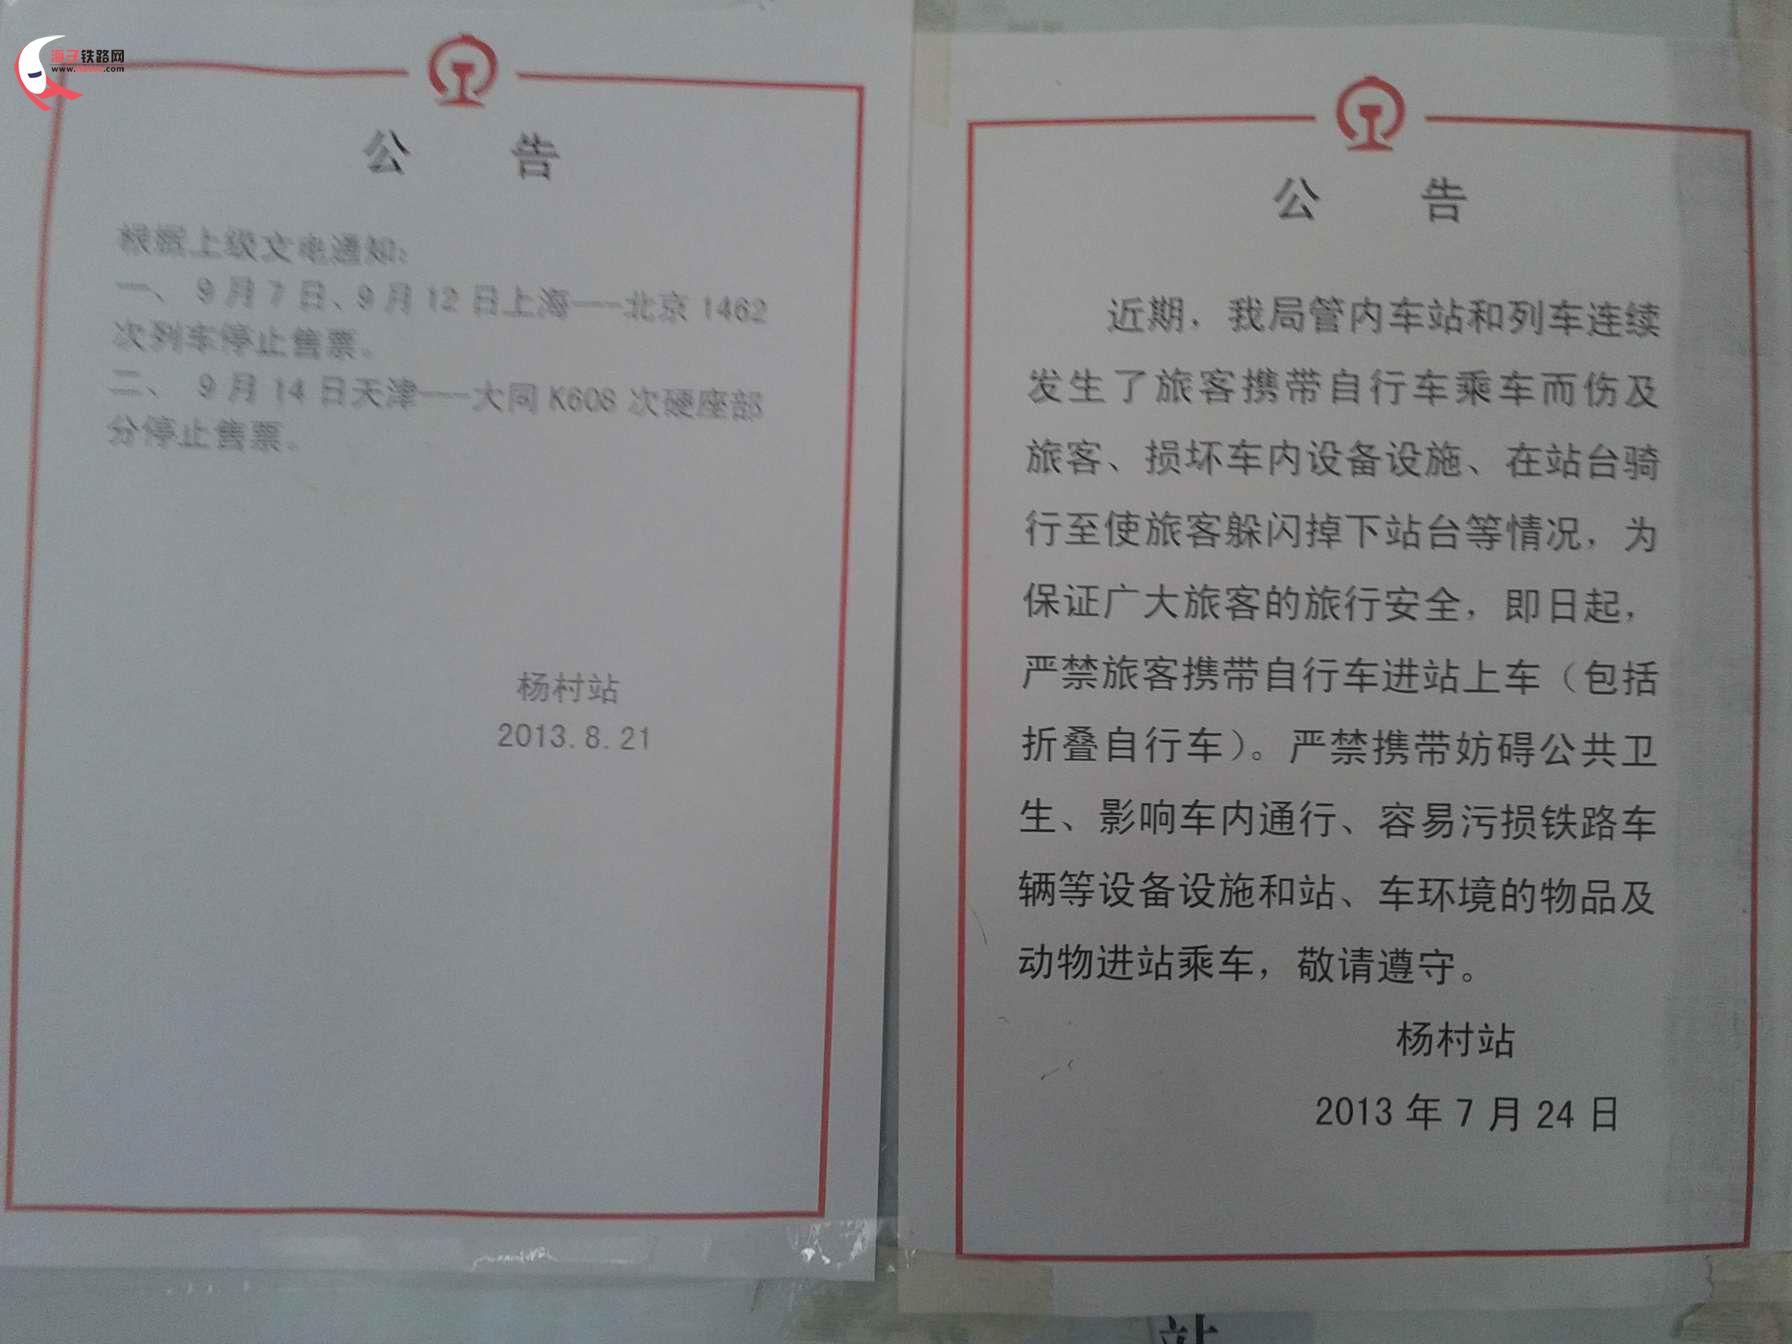 杨村站公告两则 部分车次停止售票,禁止携带自行车进站上车  (27)